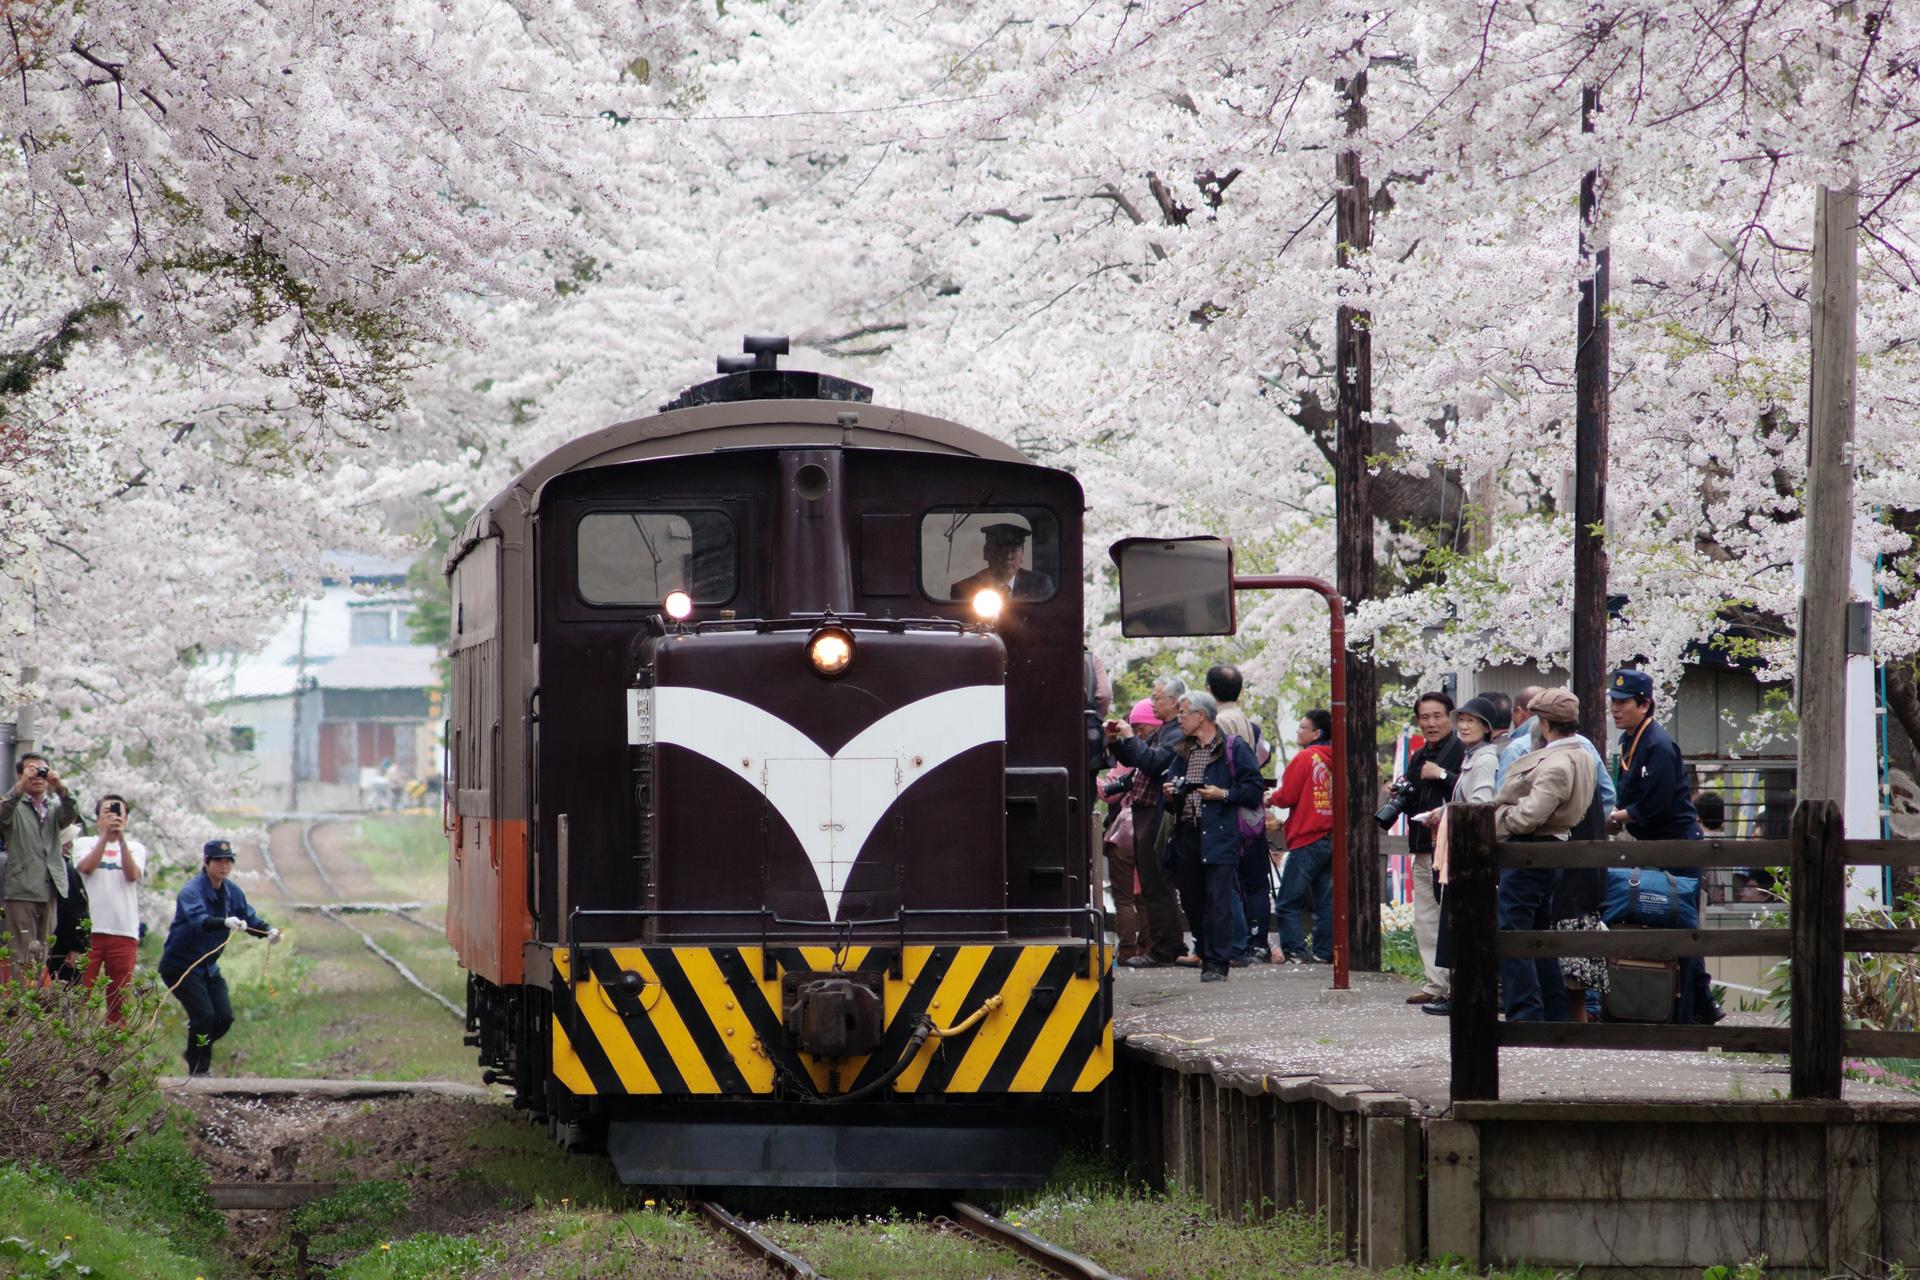 ストーブ列車でおなじみ、津軽鉄道で眠る「本州最北端の転車台」を復活させたい!